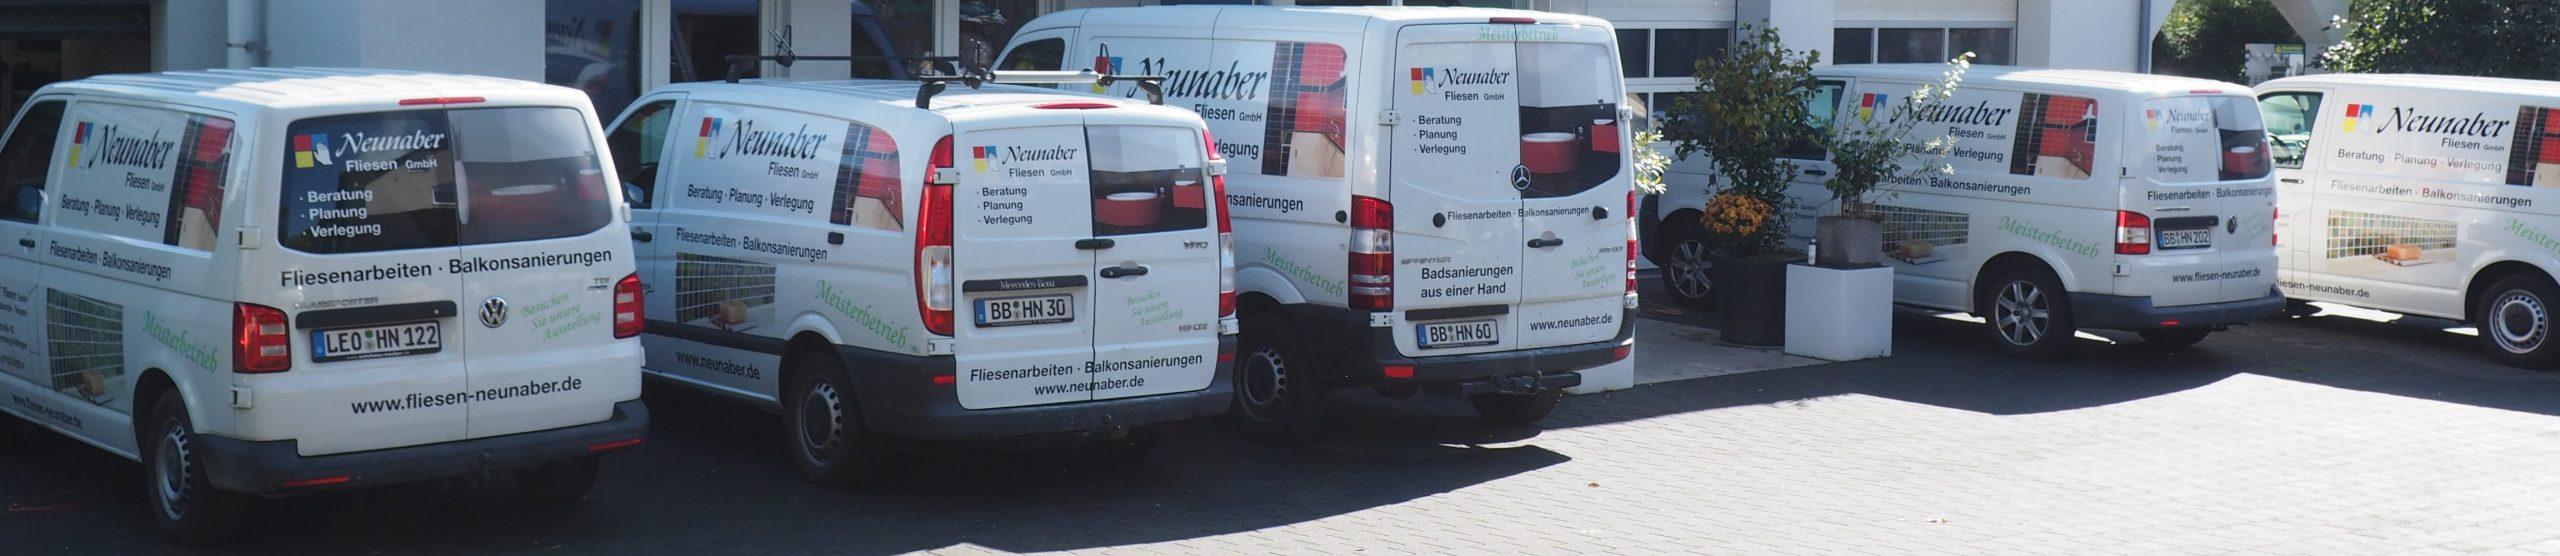 Neunaber Fliesen - Ihr Meisterbetrieb in Leonberg